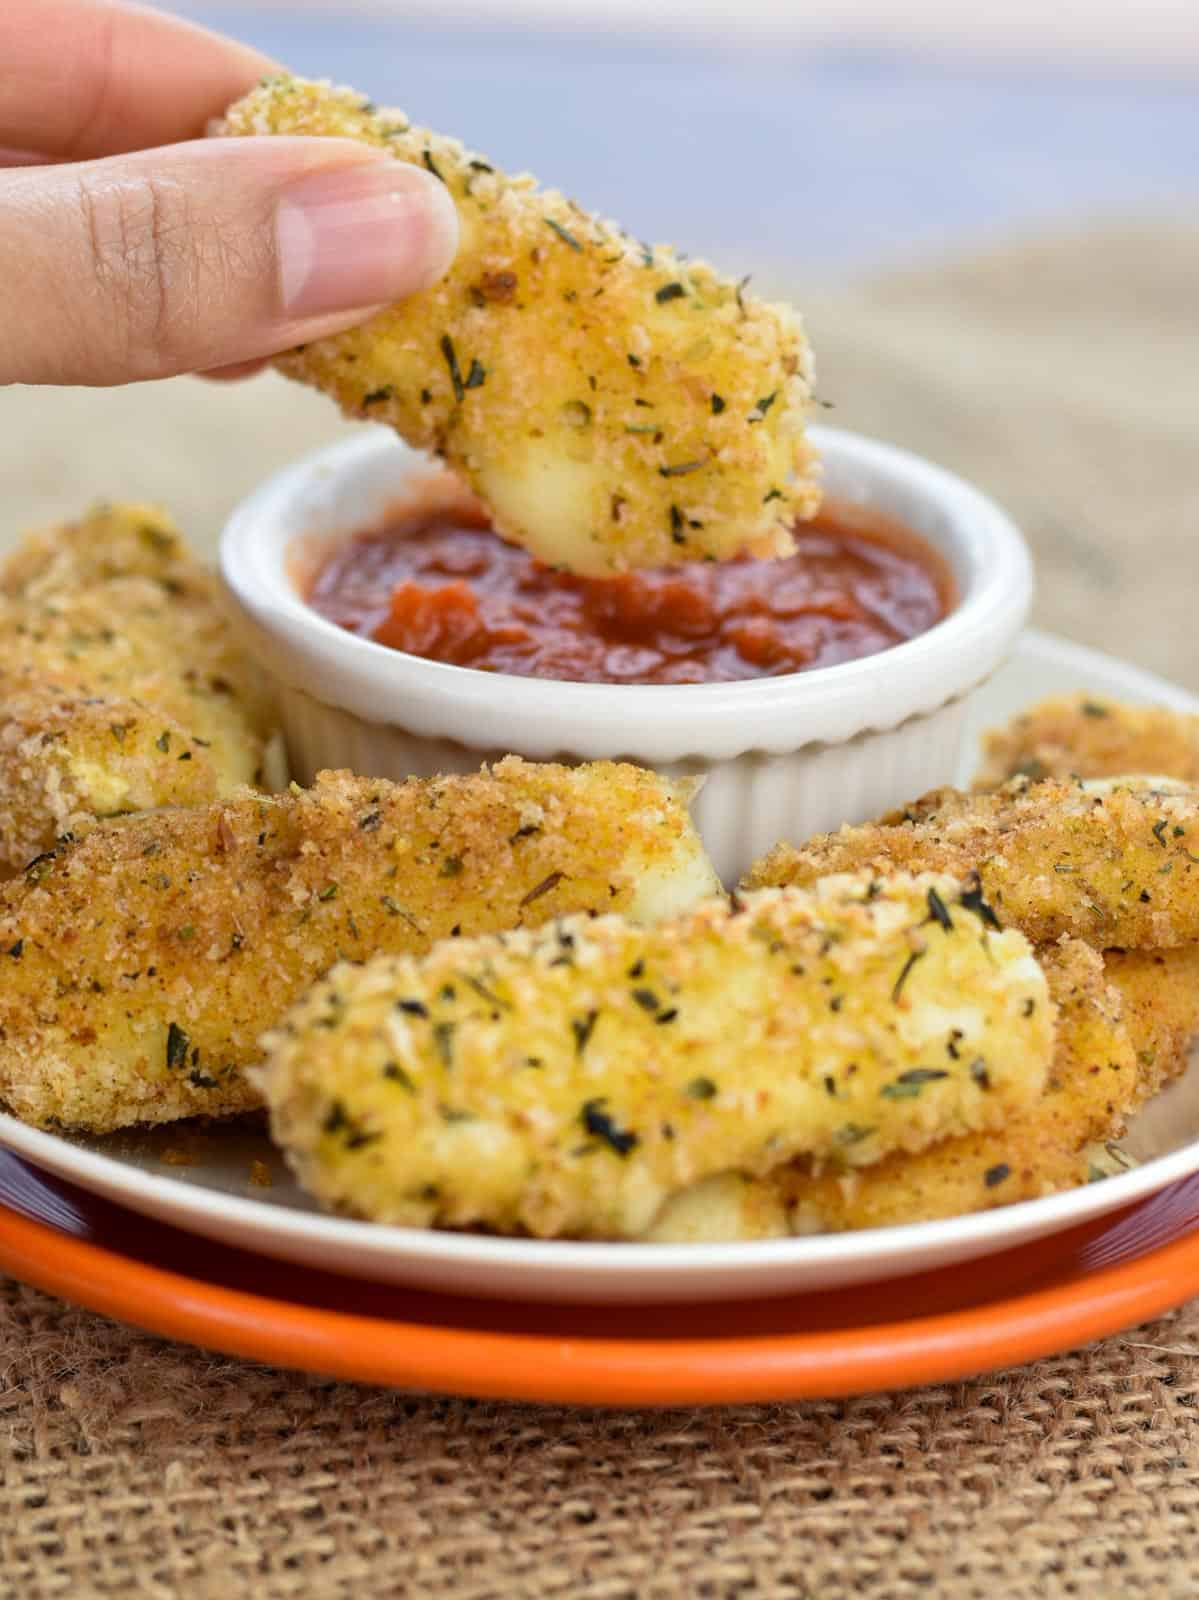 hand dipping a baked mozzarella stick in marinara sauce